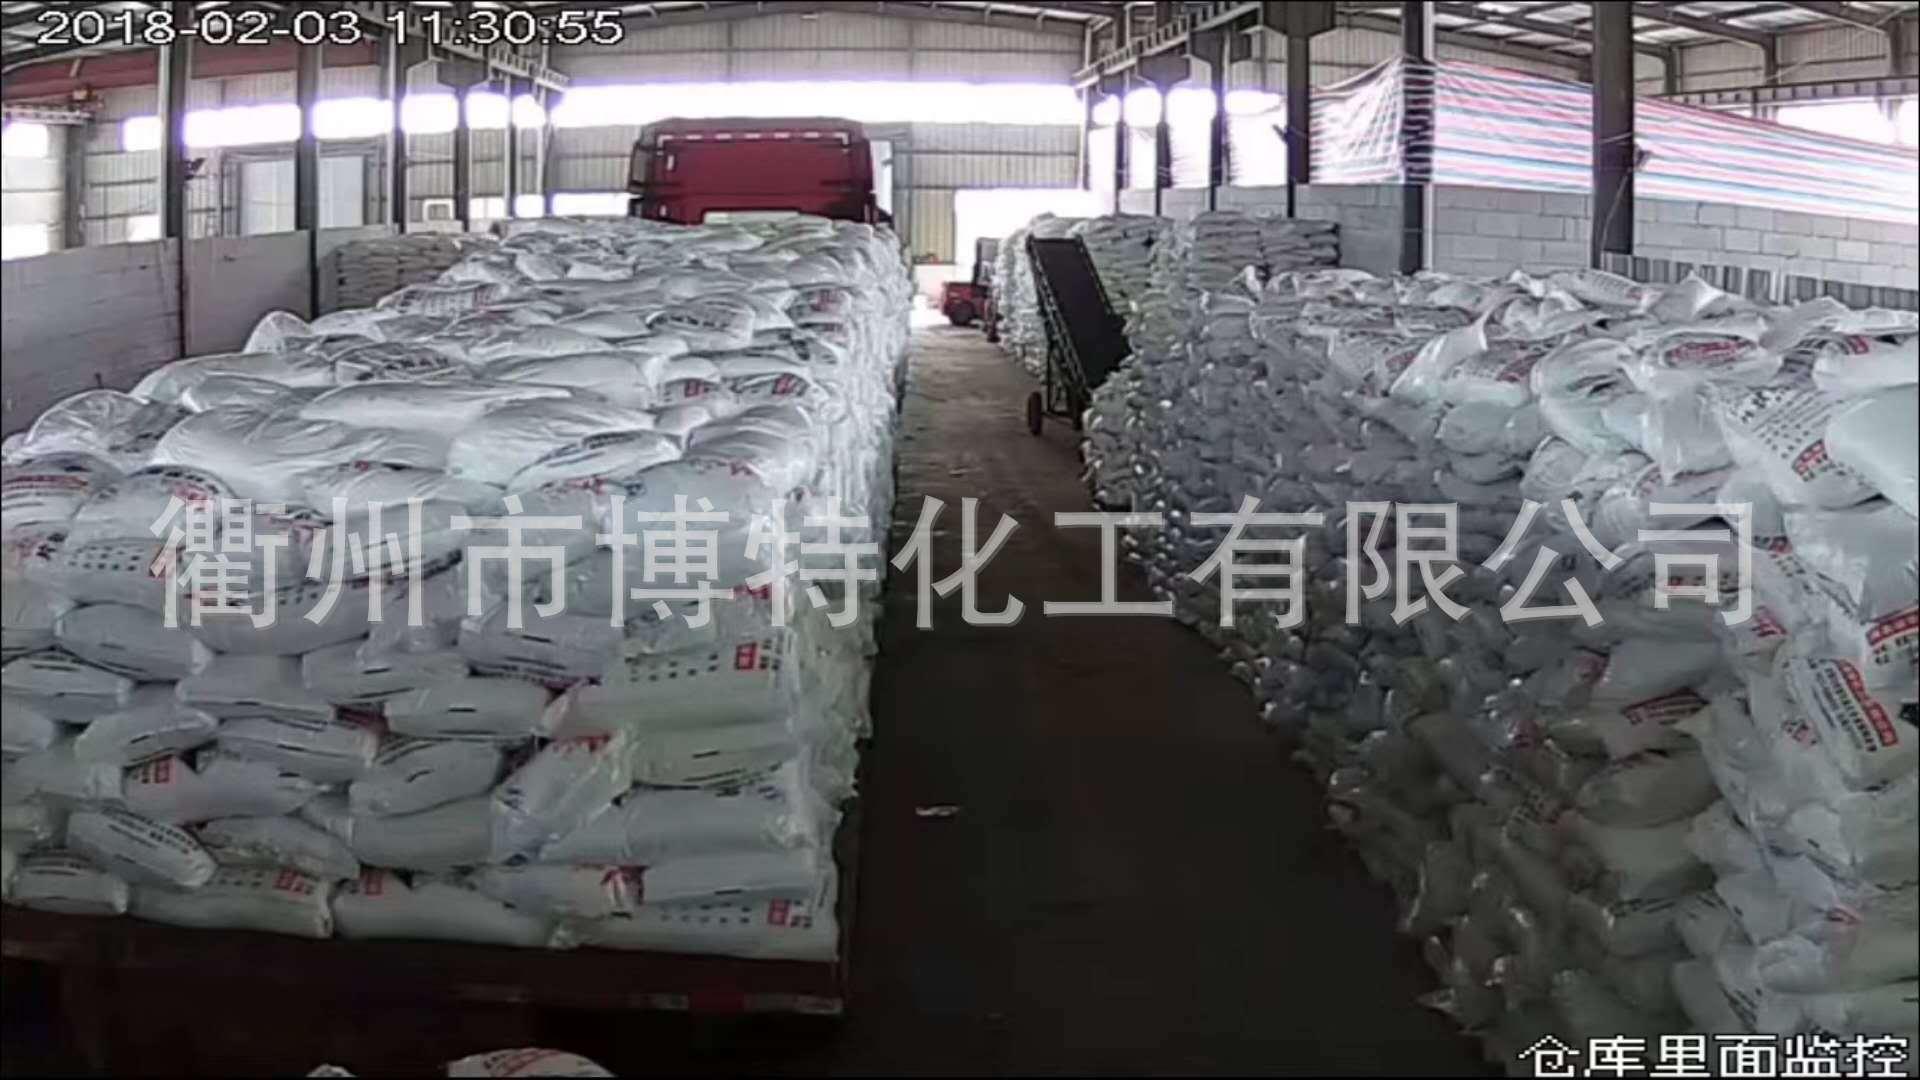 浙江发货28含量喷雾聚合氯化铝PAC工业级聚氯化铝水处理絮凝剂示例图6